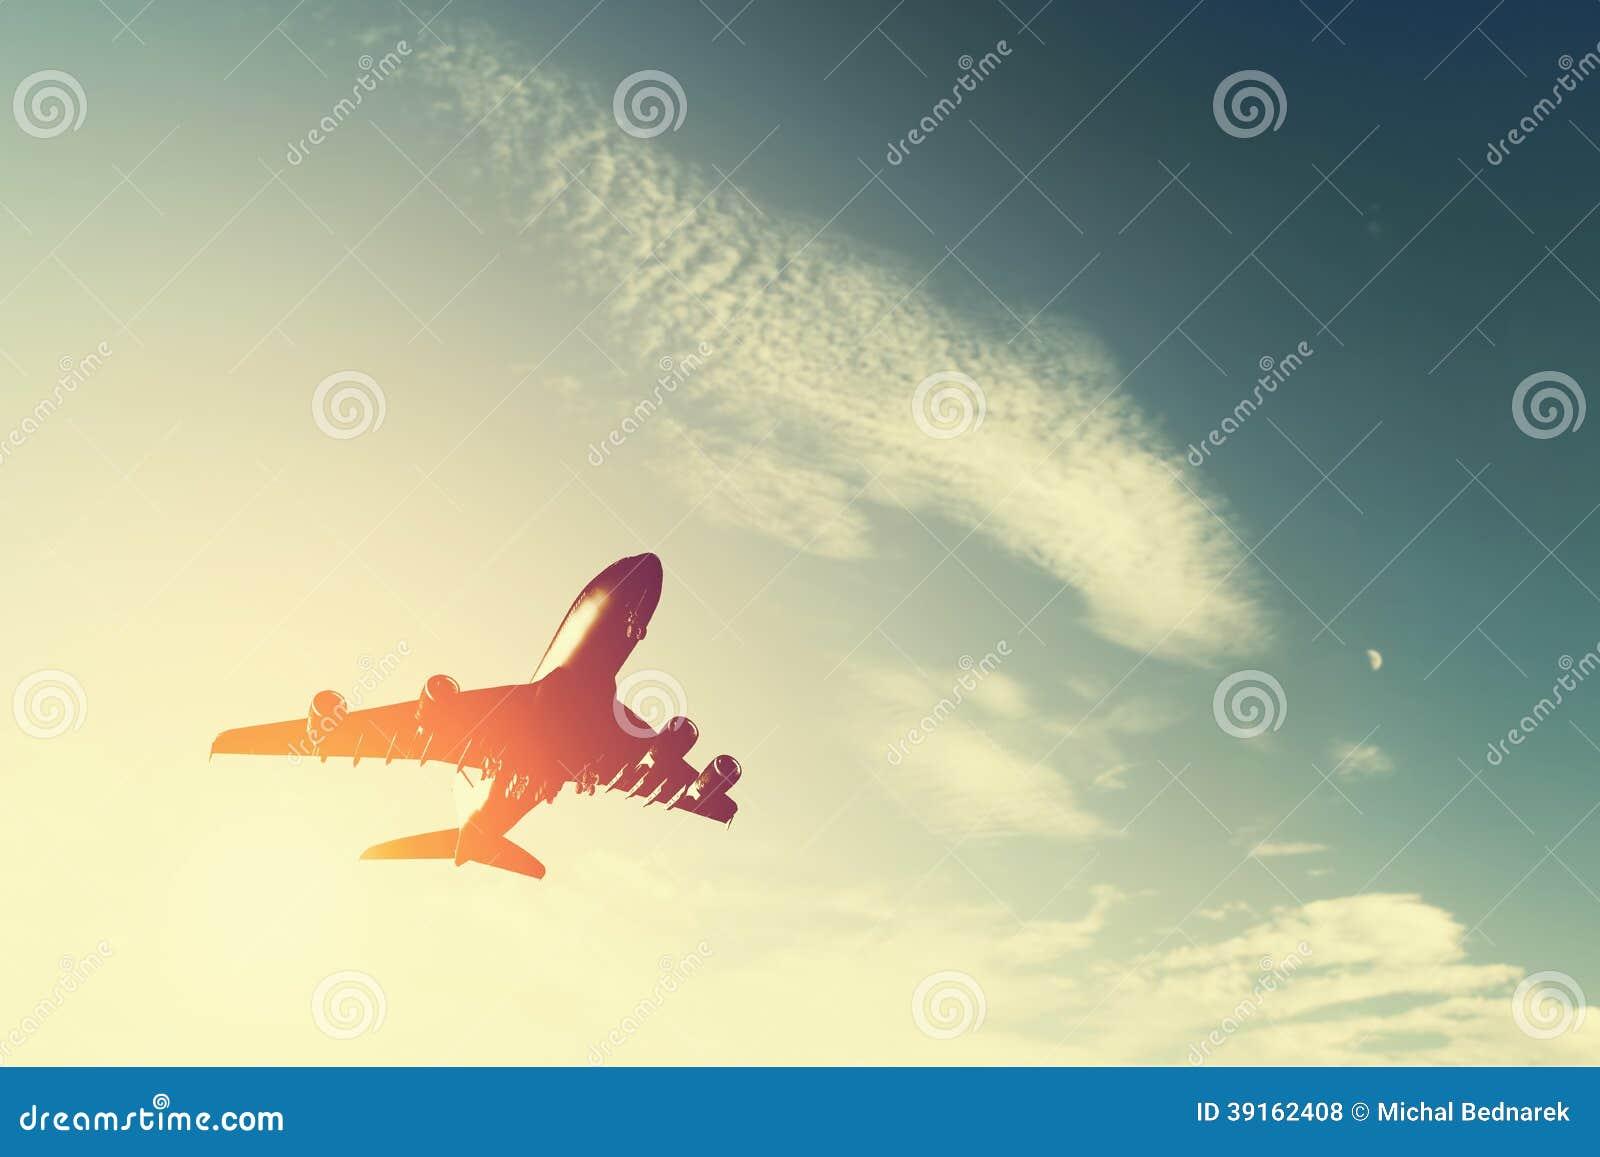 Αεροπλάνο που απογειώνεται στο ηλιοβασίλεμα.